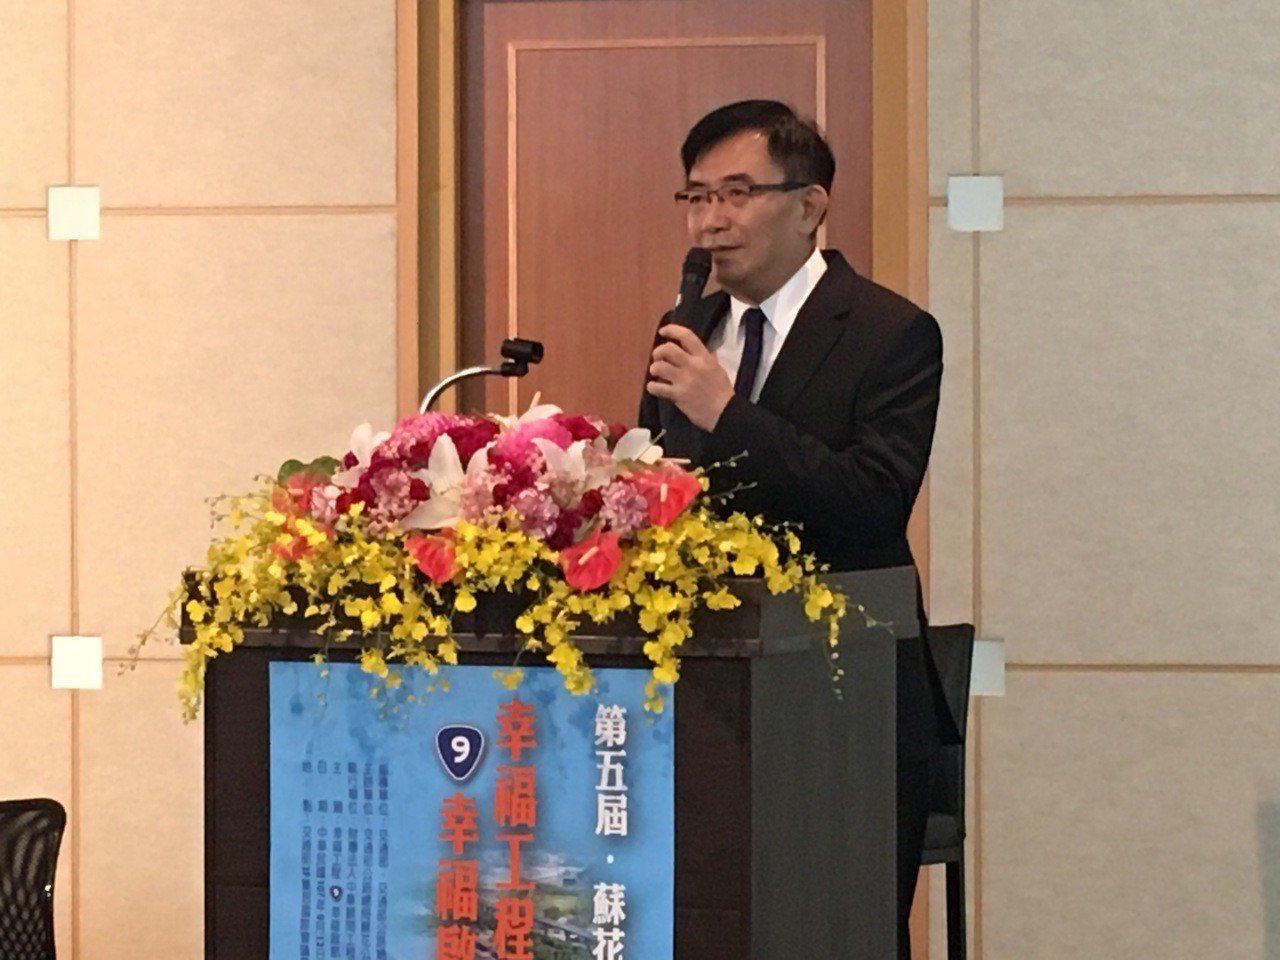 交通部長吳宏謀今出席第五屆蘇花改工程技術論壇。記者吳姿賢/攝影